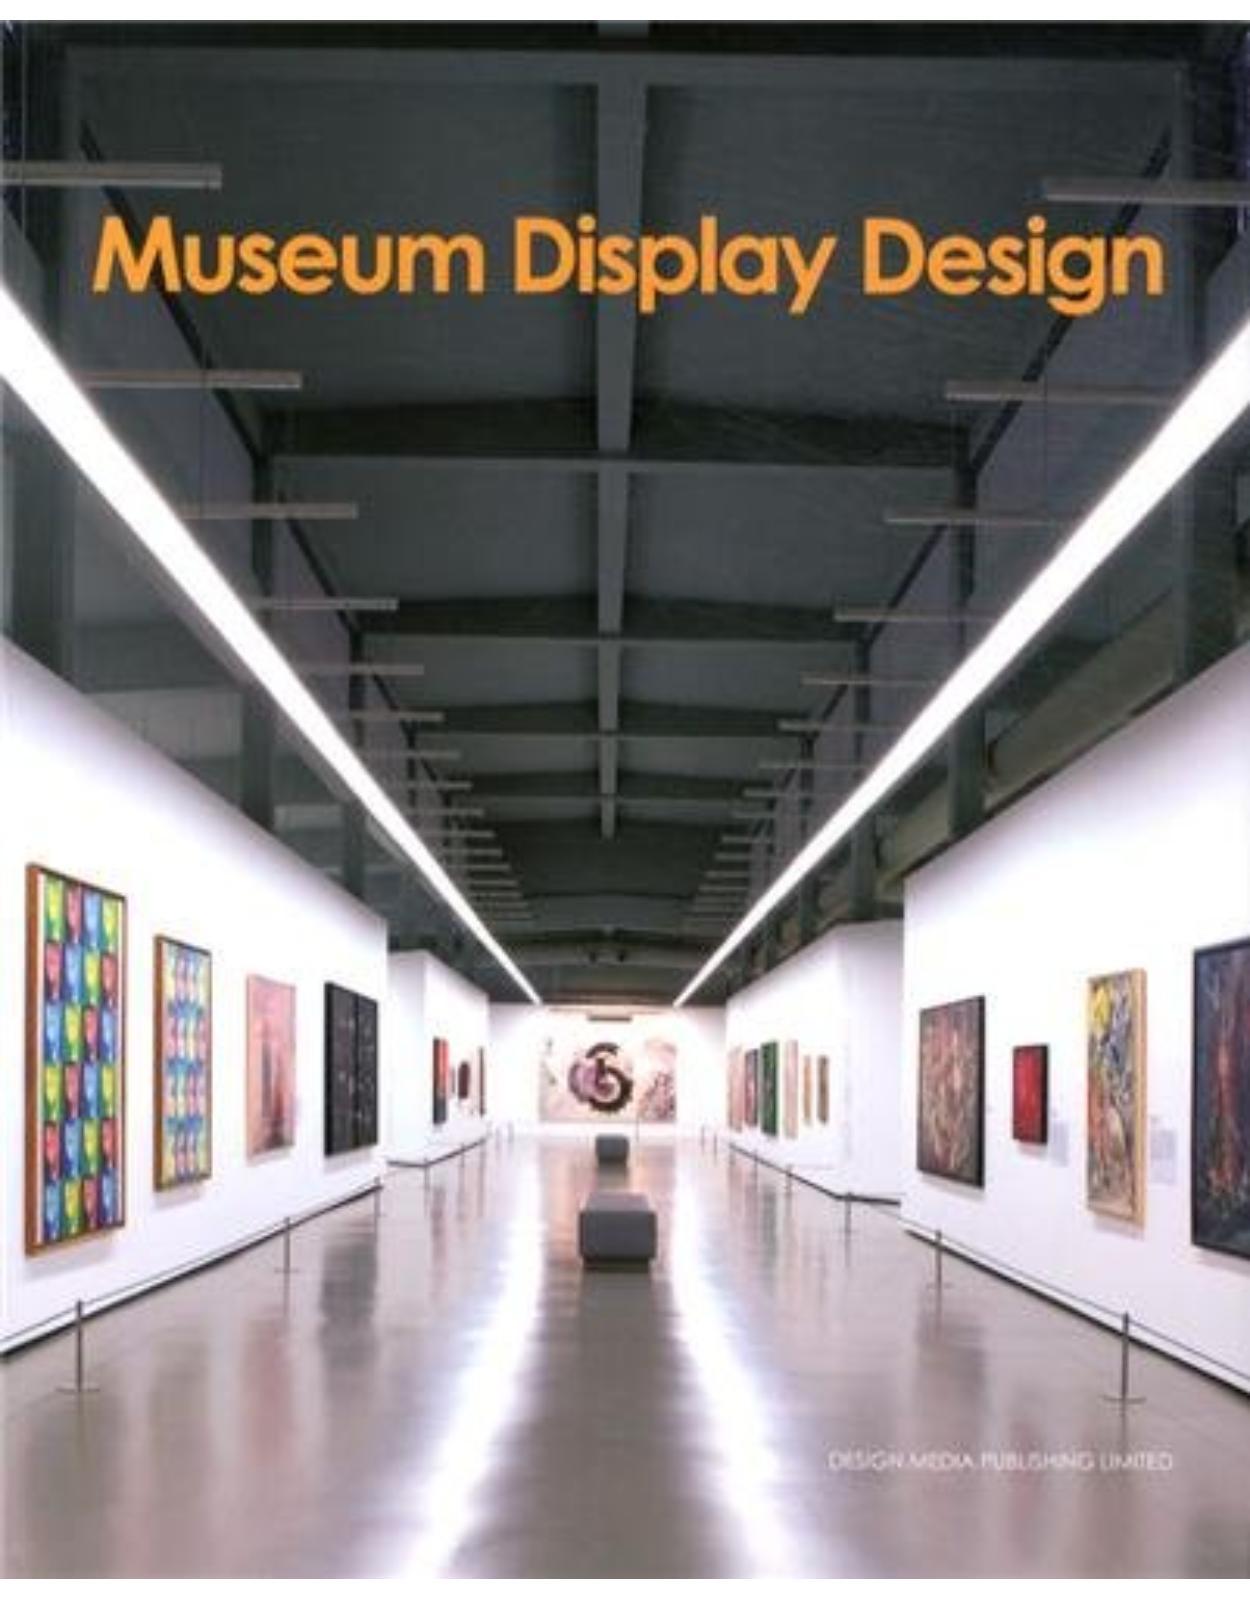 Museum Display Design